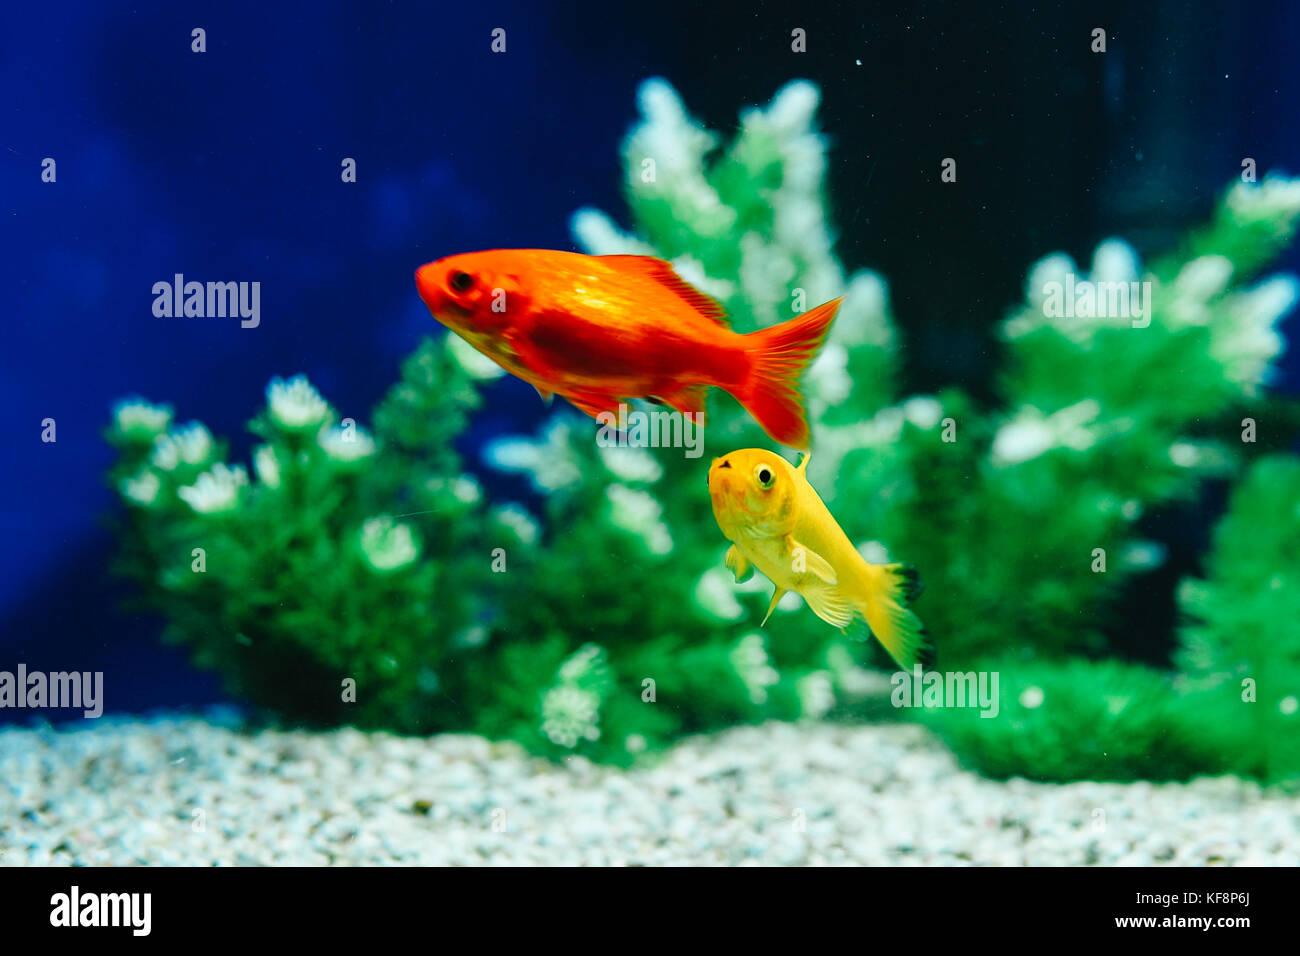 Yellow and Red Goldfish Swimming In Aquarium Stock Photo: 164306202 ...